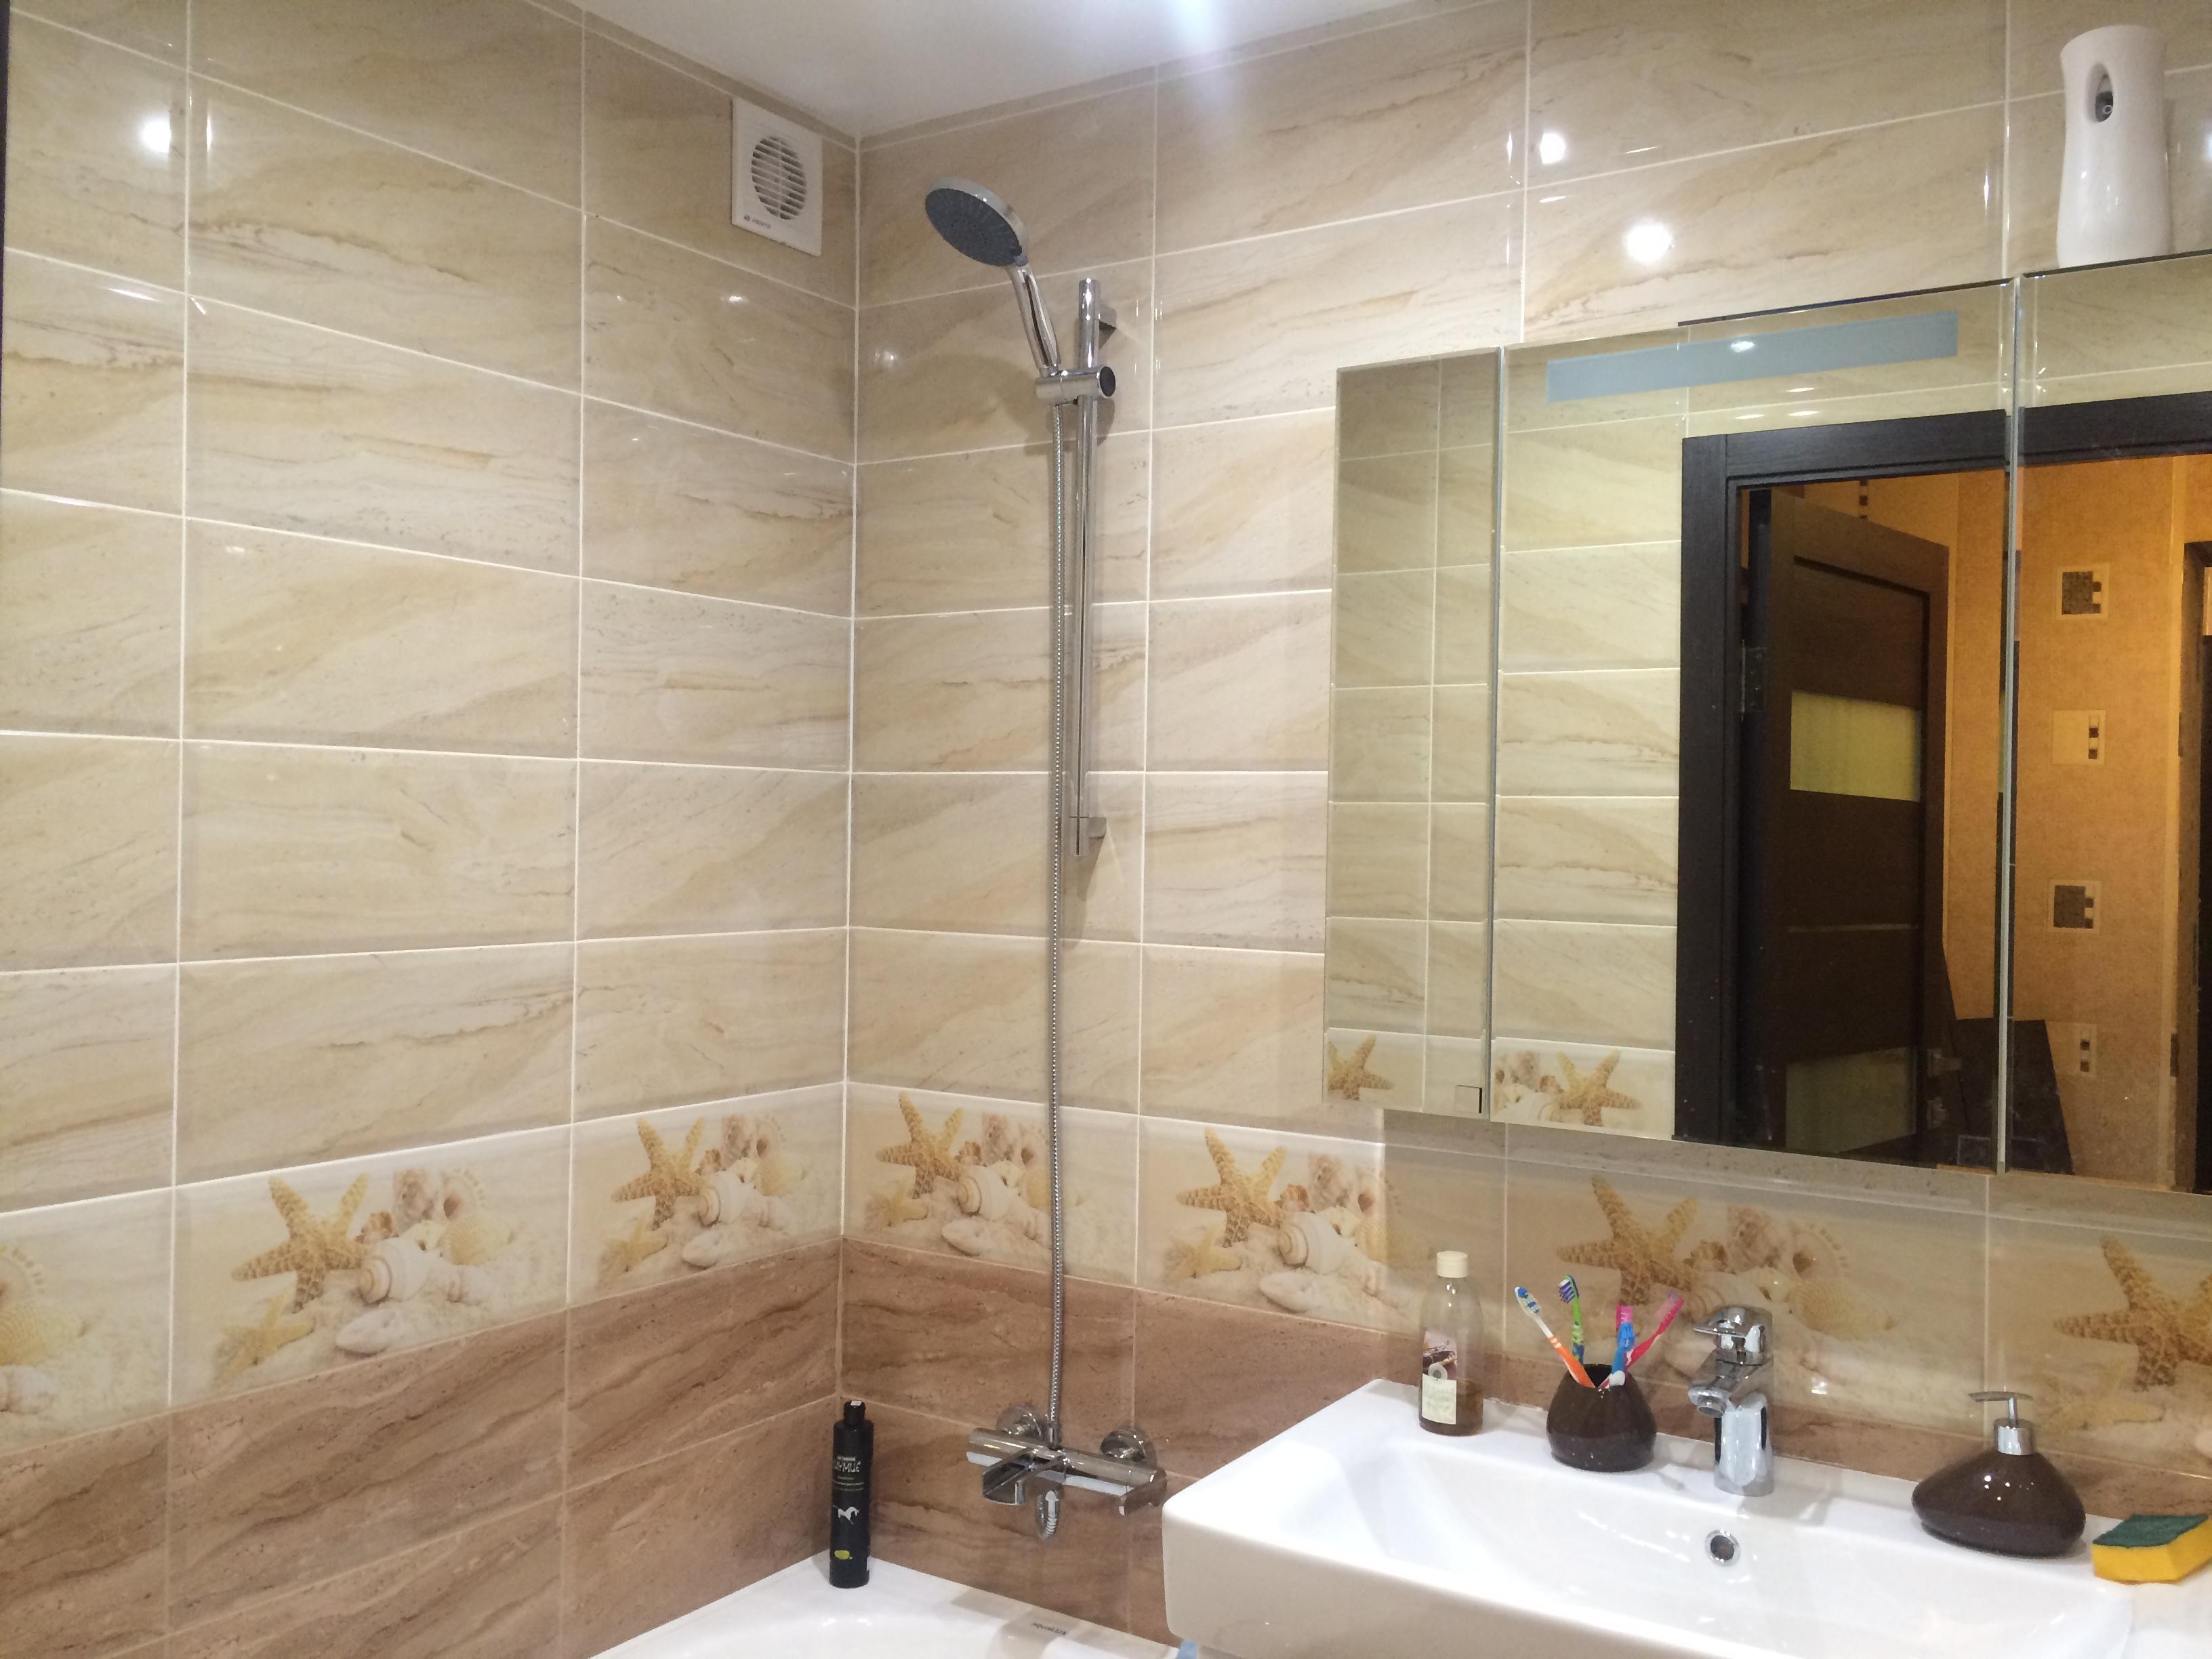 Как сделать ремонт ванной дешево и красиво фото